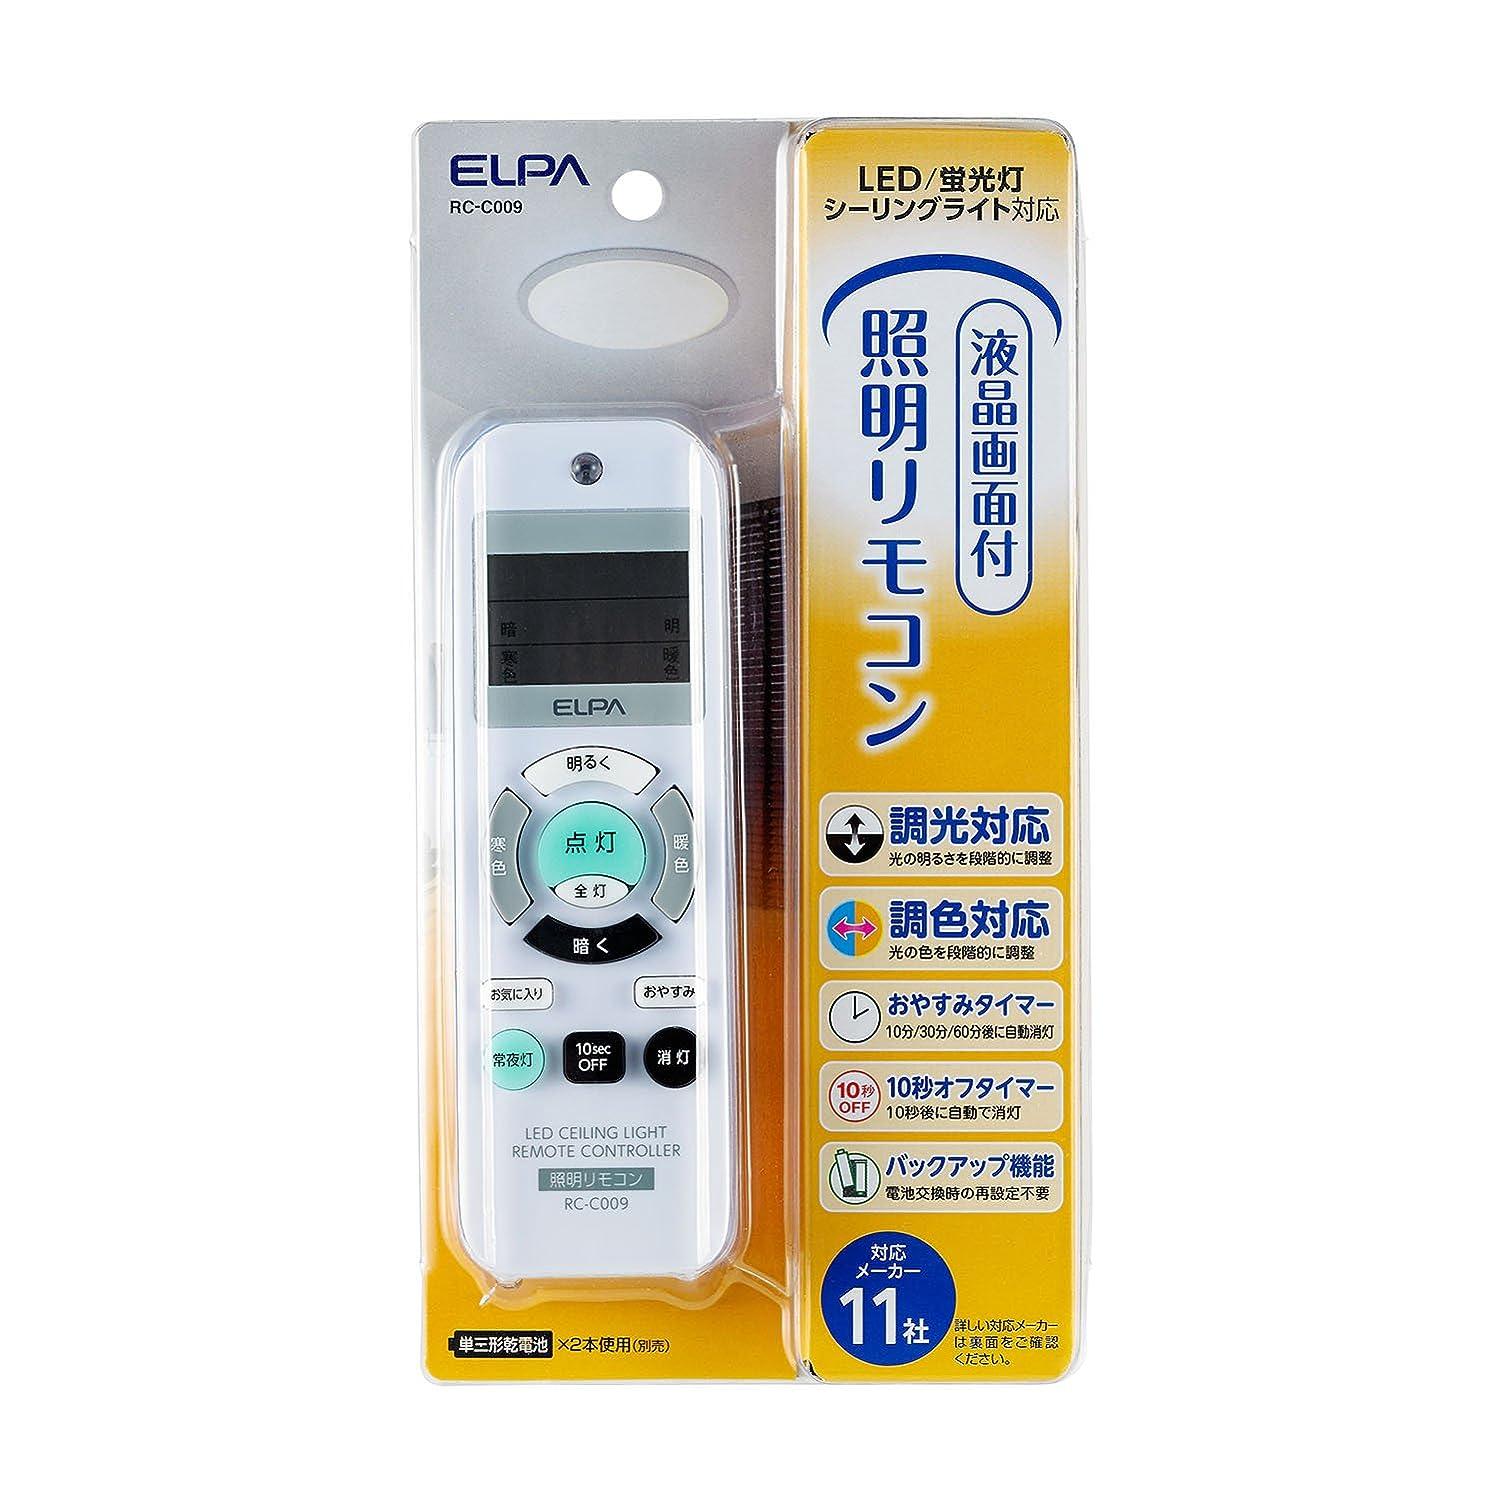 じゃがいも消費者合理化ELPA(エルパ) 照明リモコン RC-C009 1836700